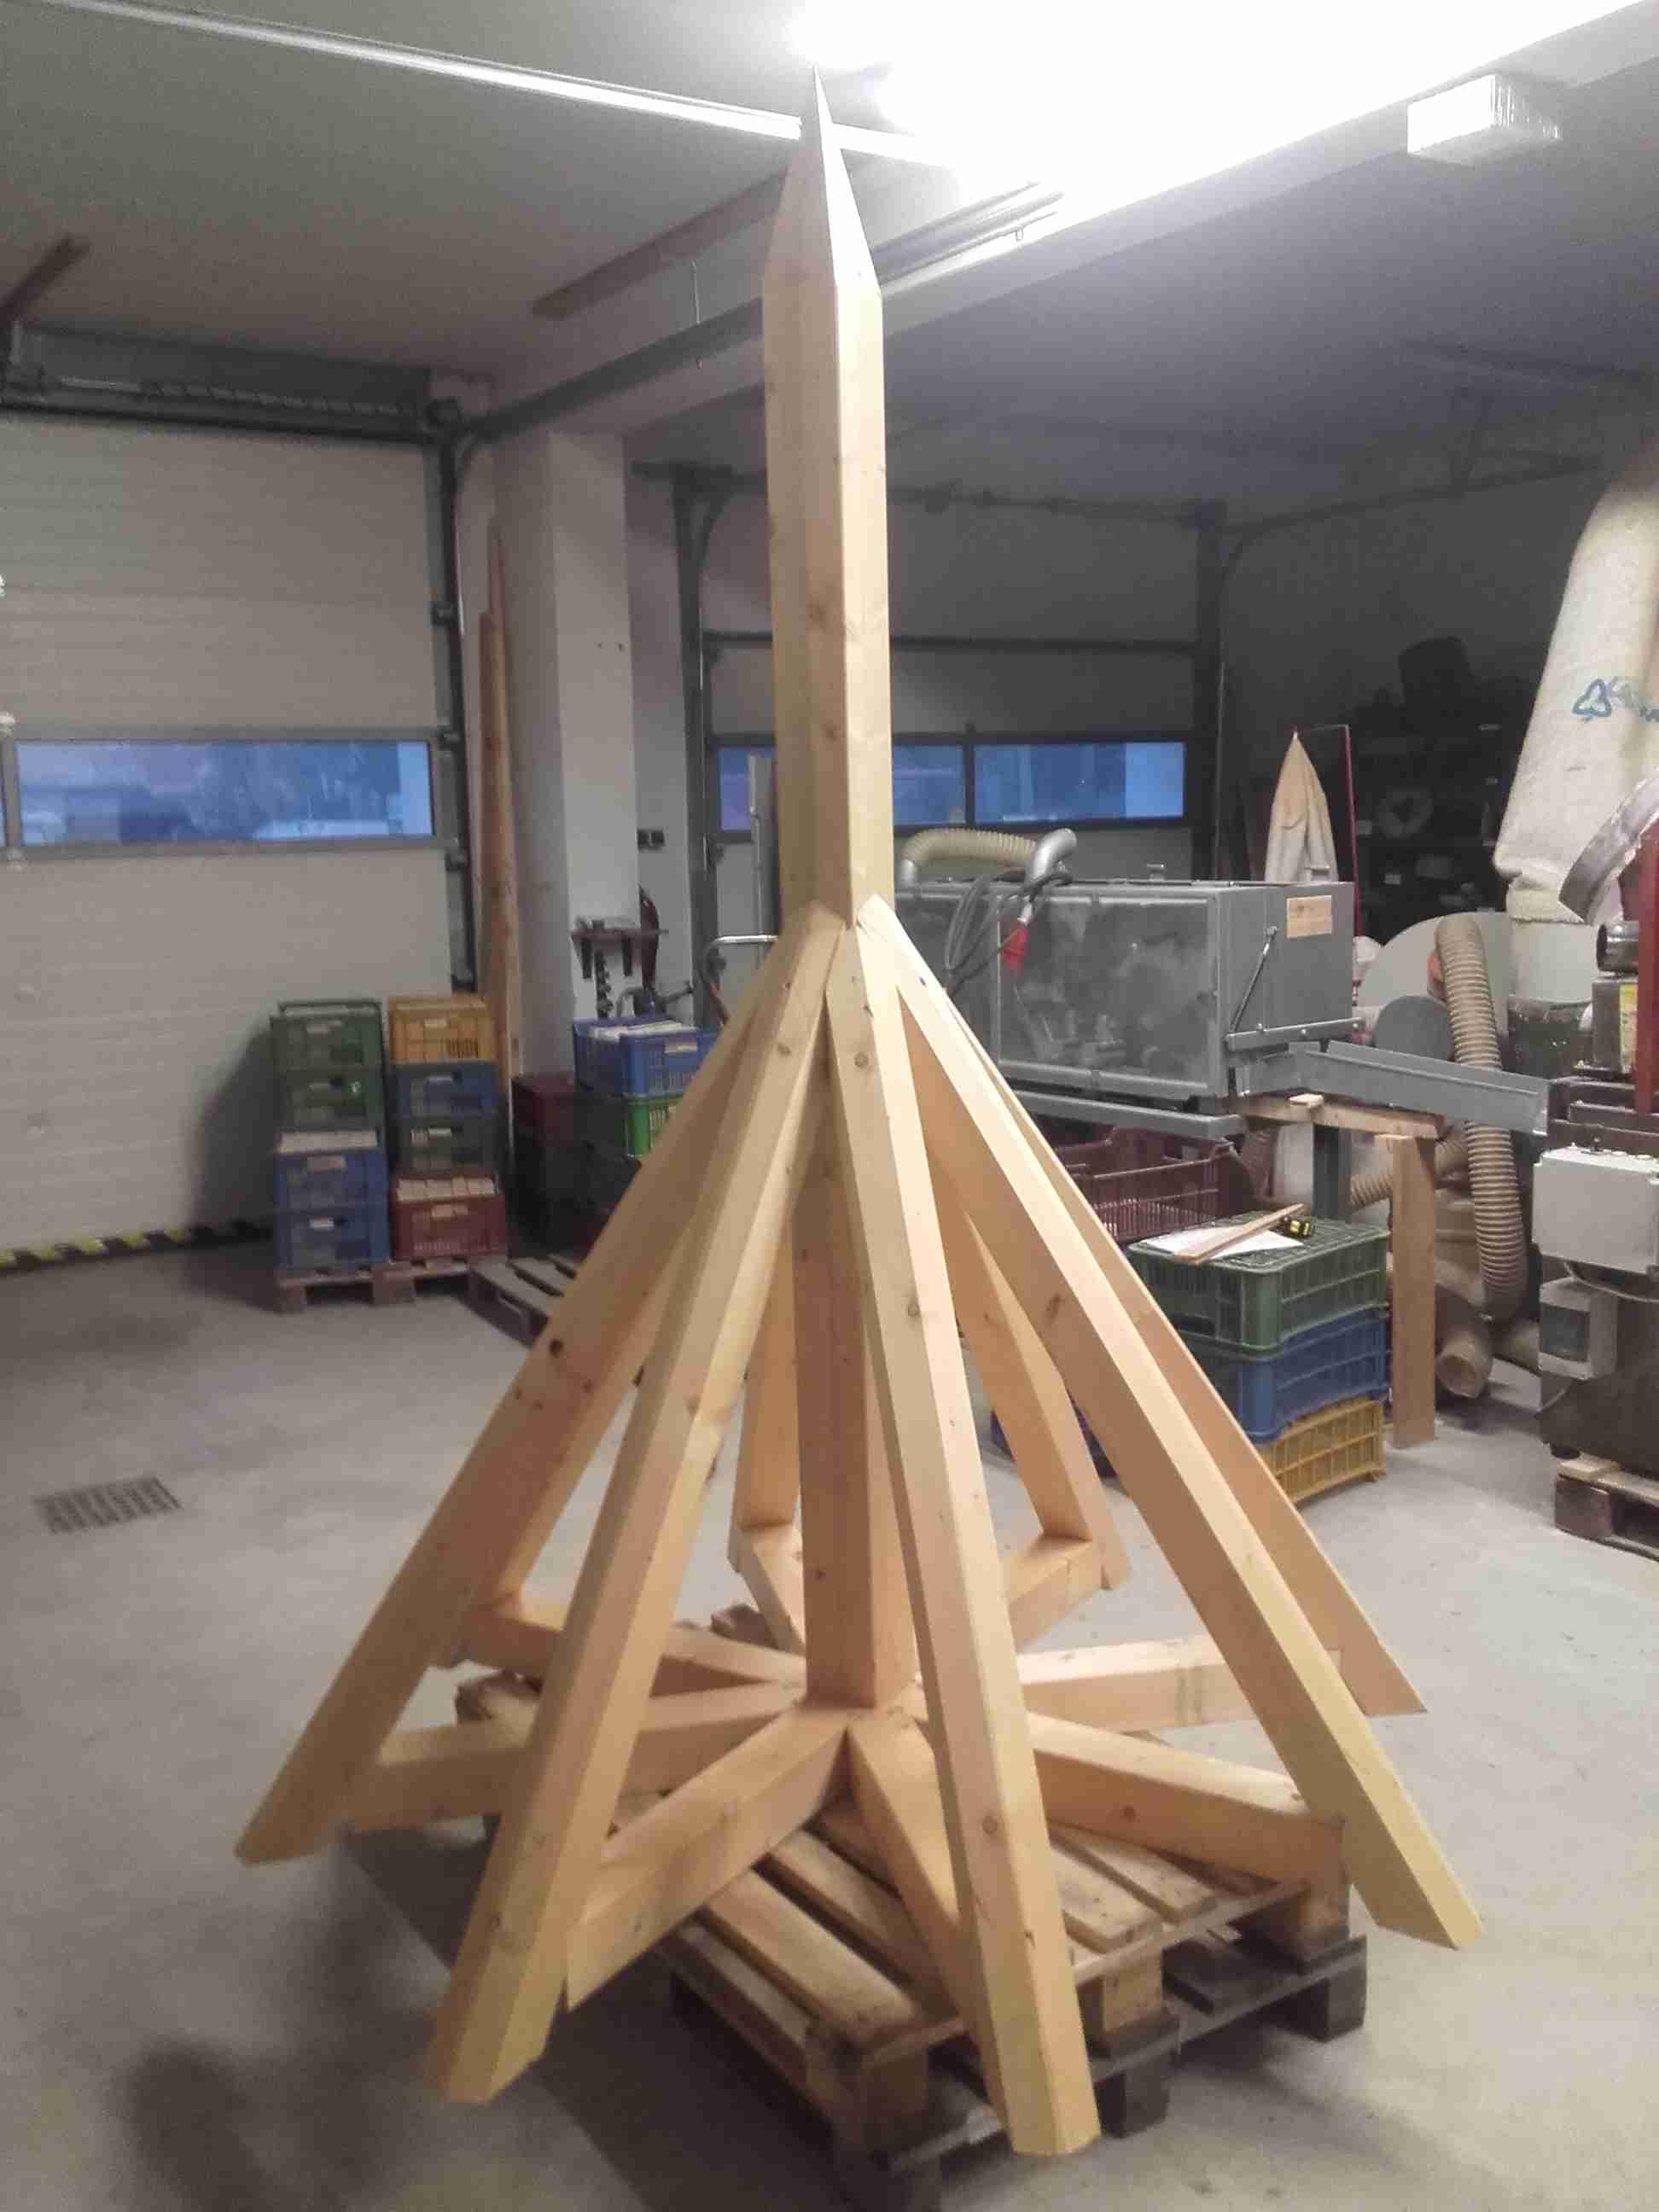 Šindelová střecha na věžičku, drdlík